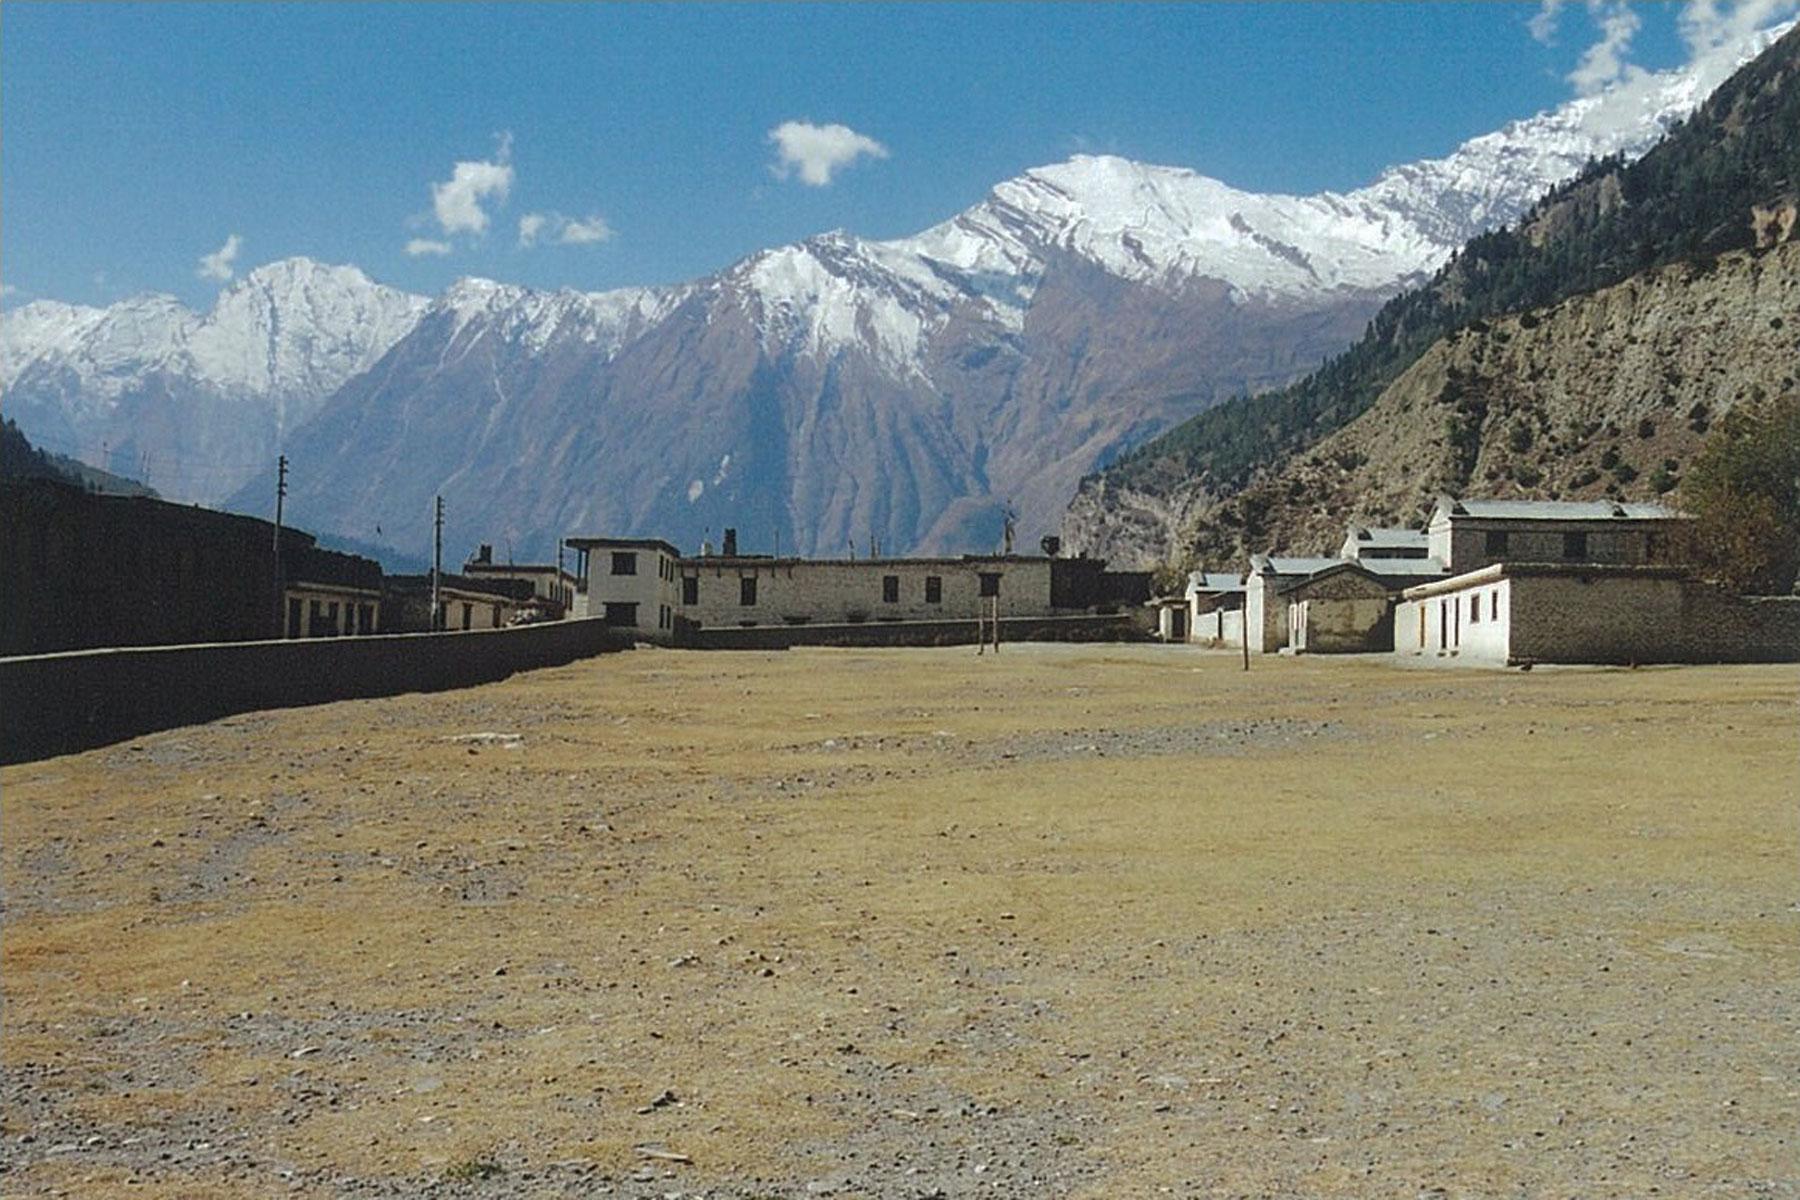 Schoolyard Annapurna Circuit Trek Upper Mustang Trekking Hike Hiking Nepal